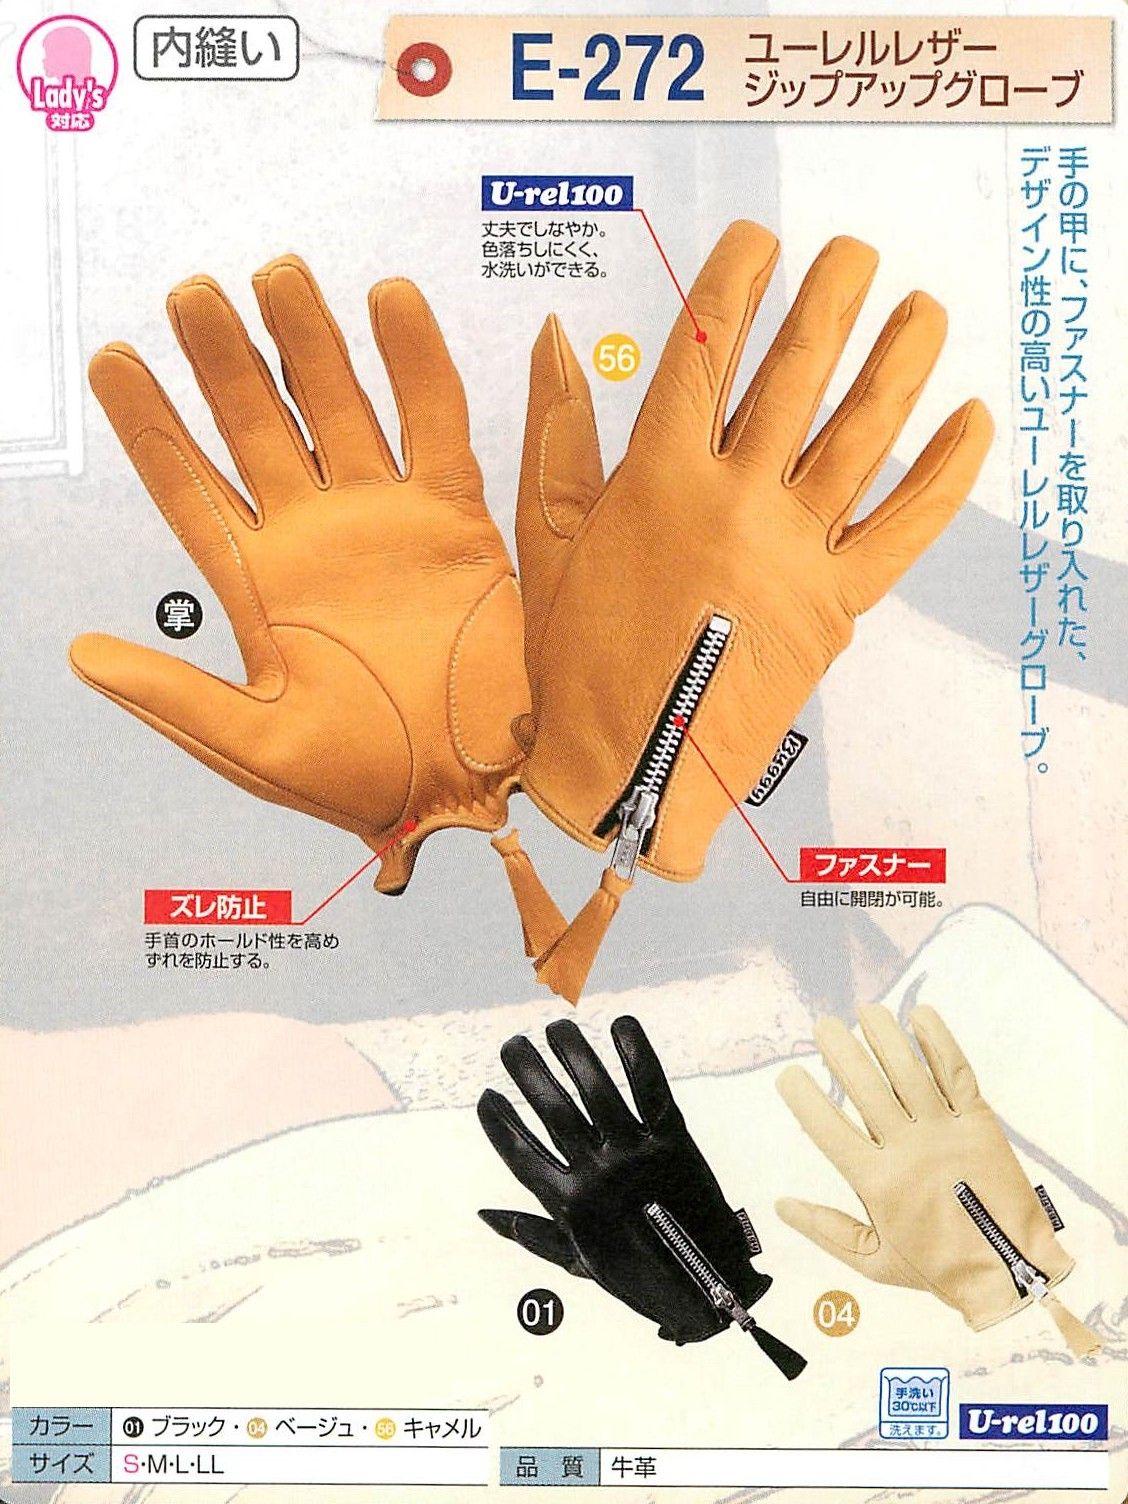 【Buggy】U - rele 拉鍊皮革手套 - 「Webike-摩托百貨」